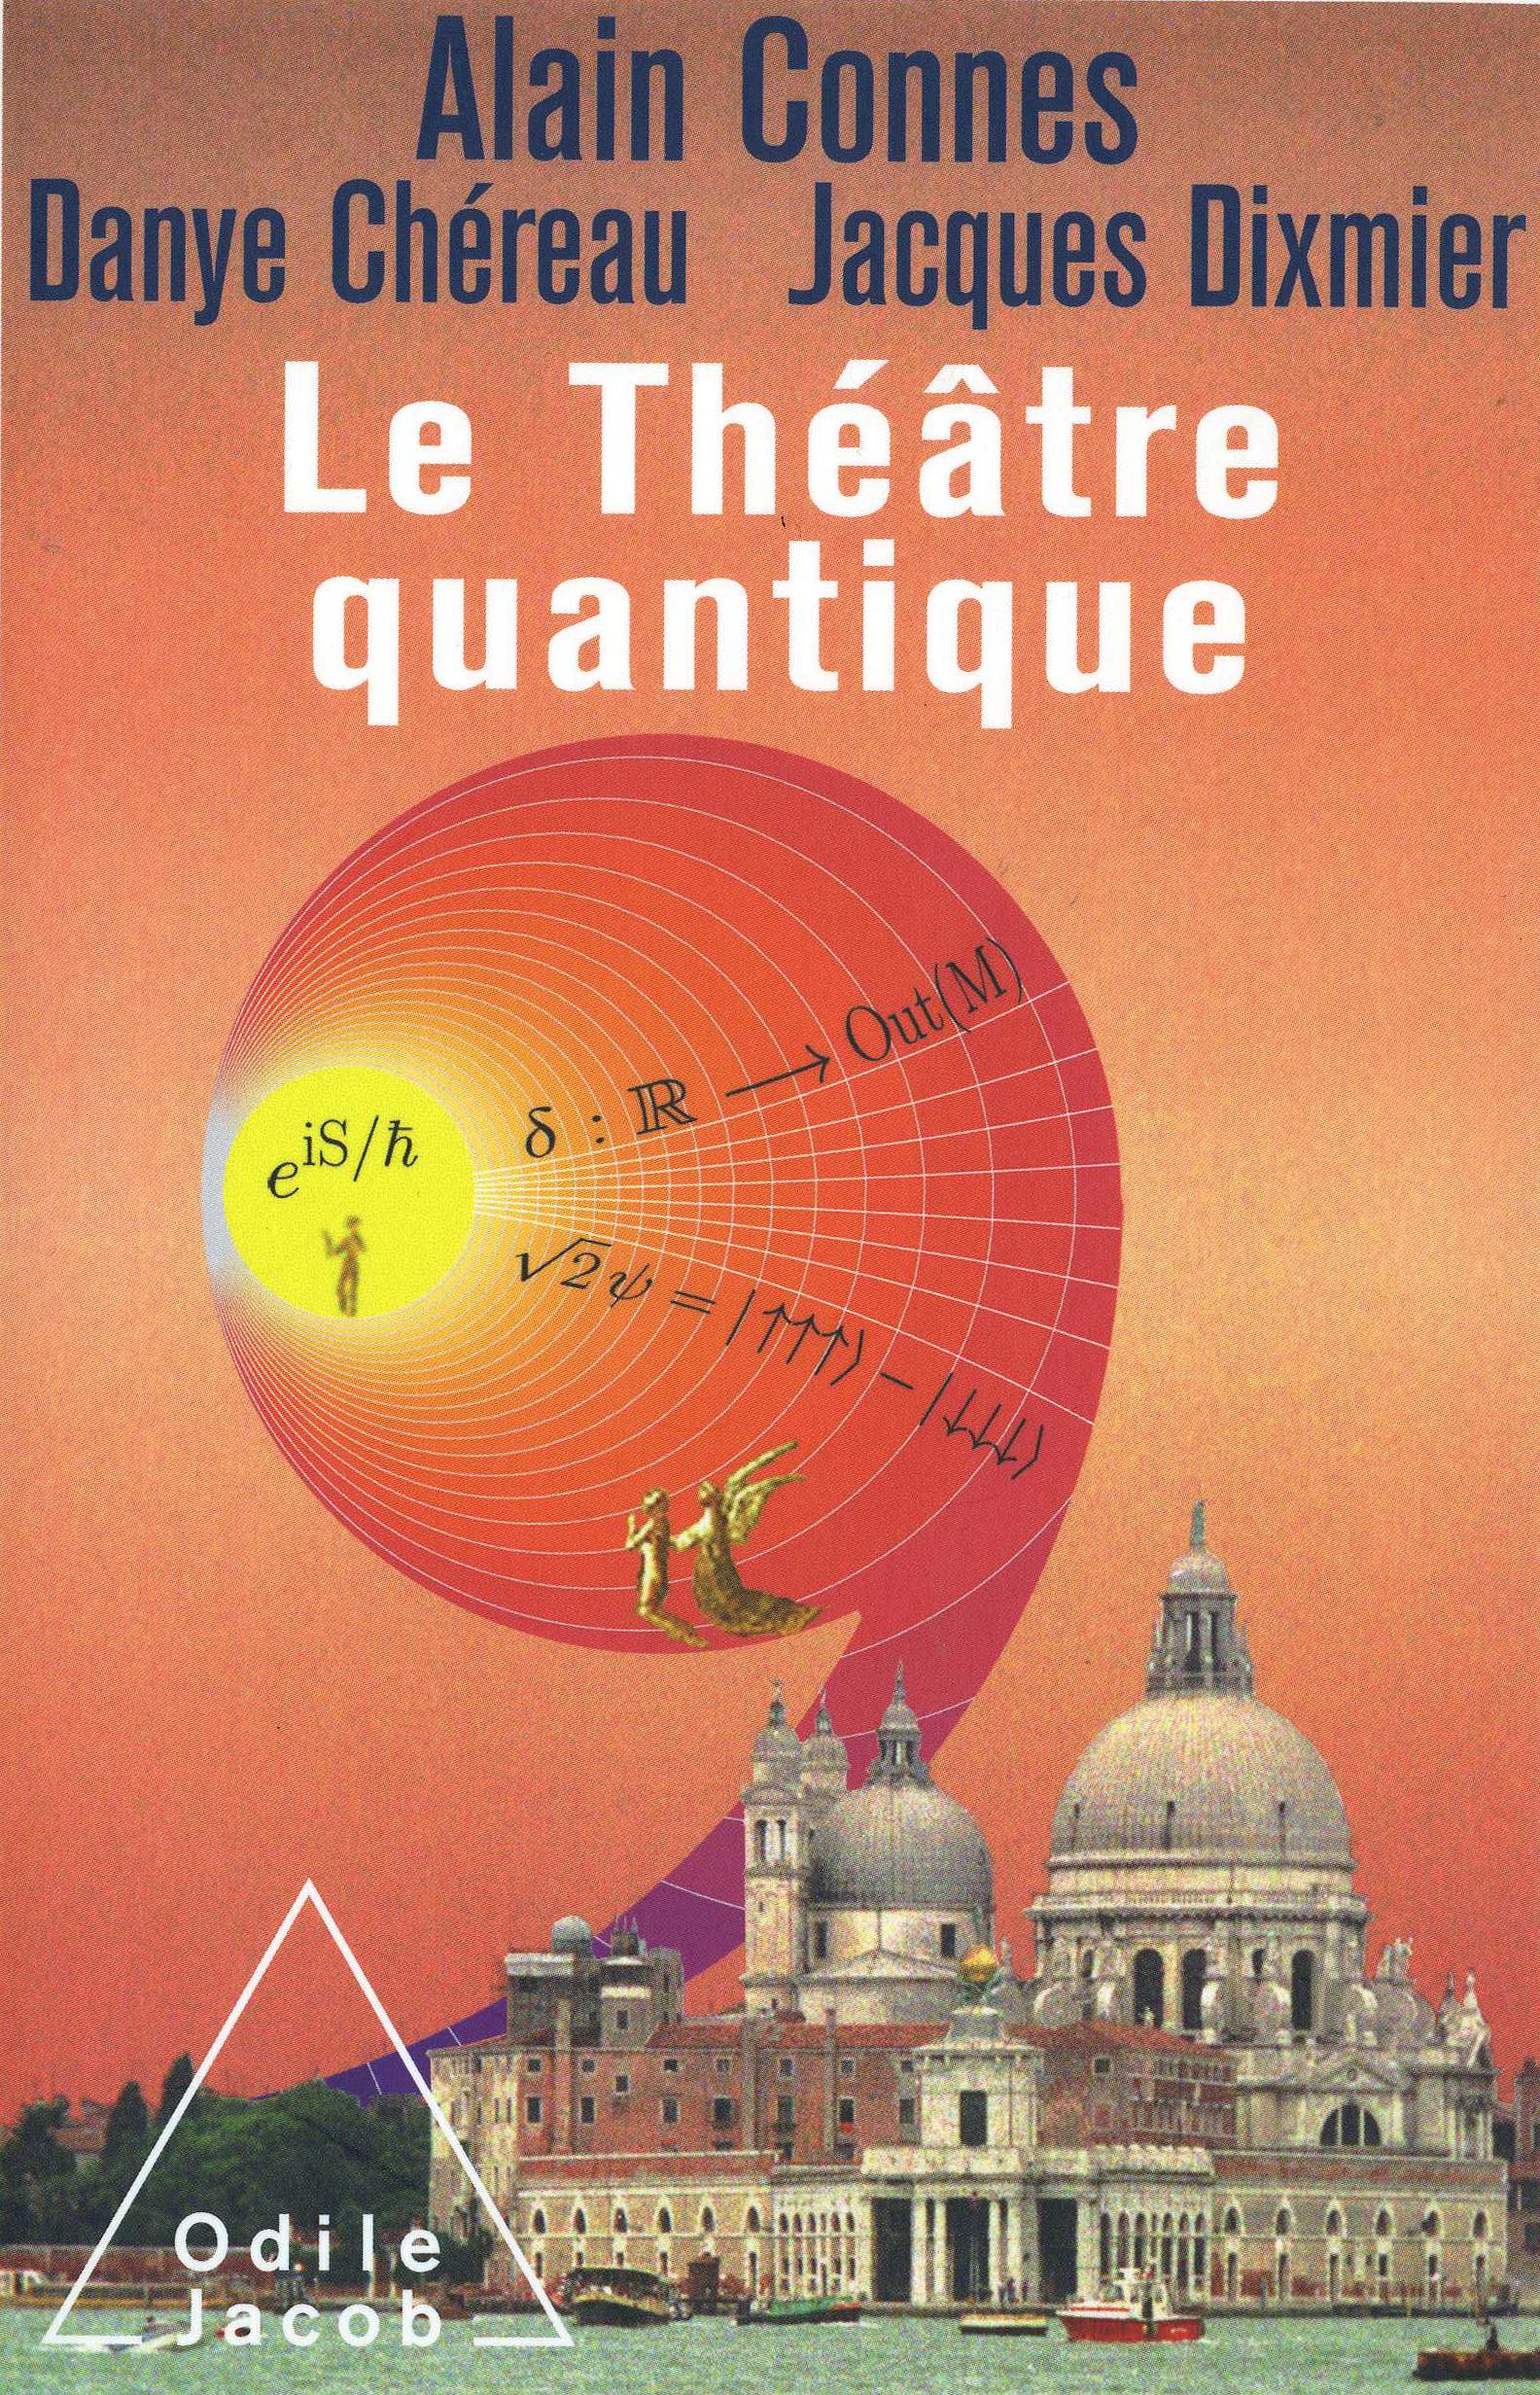 connes_theatre_quantique-2.jpg